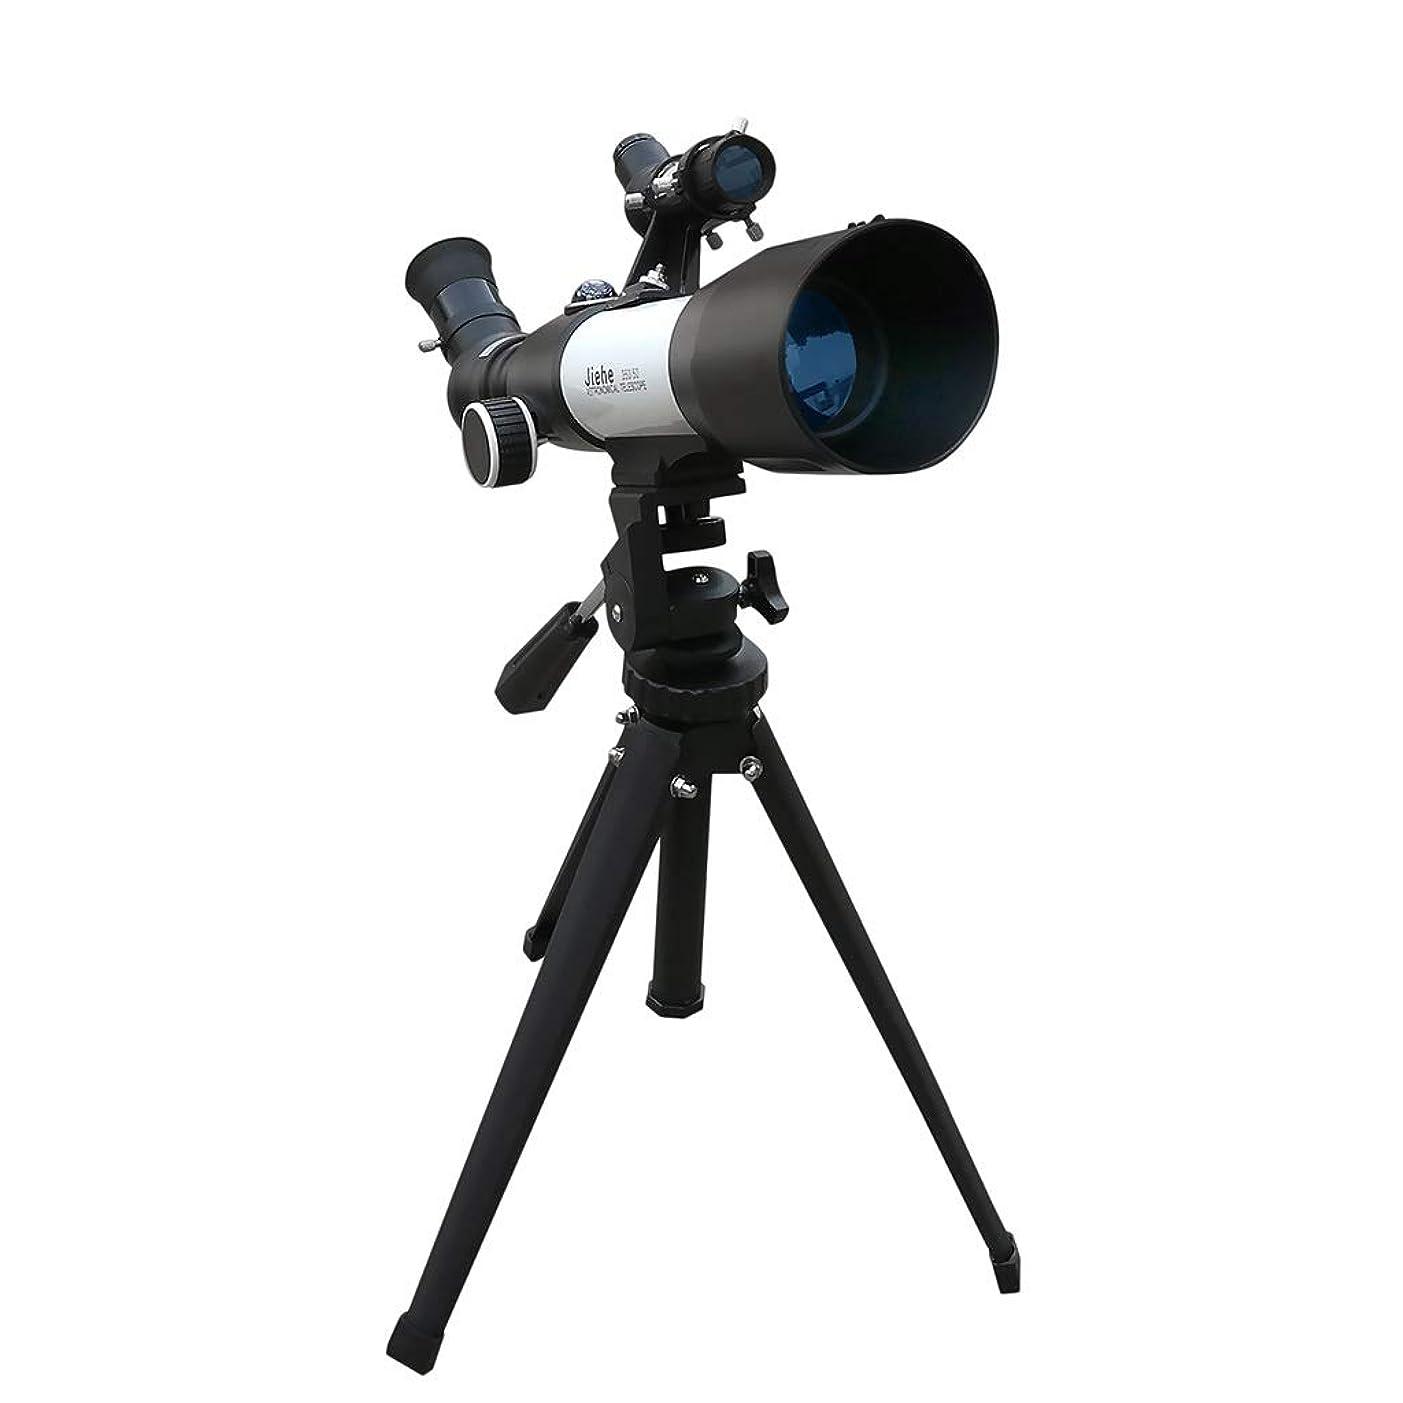 コンパイル物理的なウール単眼鏡天体望遠鏡深宇宙宇宙望遠鏡ポータブル旅行望遠鏡屈折望遠鏡のHDハイパワー望遠鏡三脚 (Color : BLACK, Size : 43*57CM)